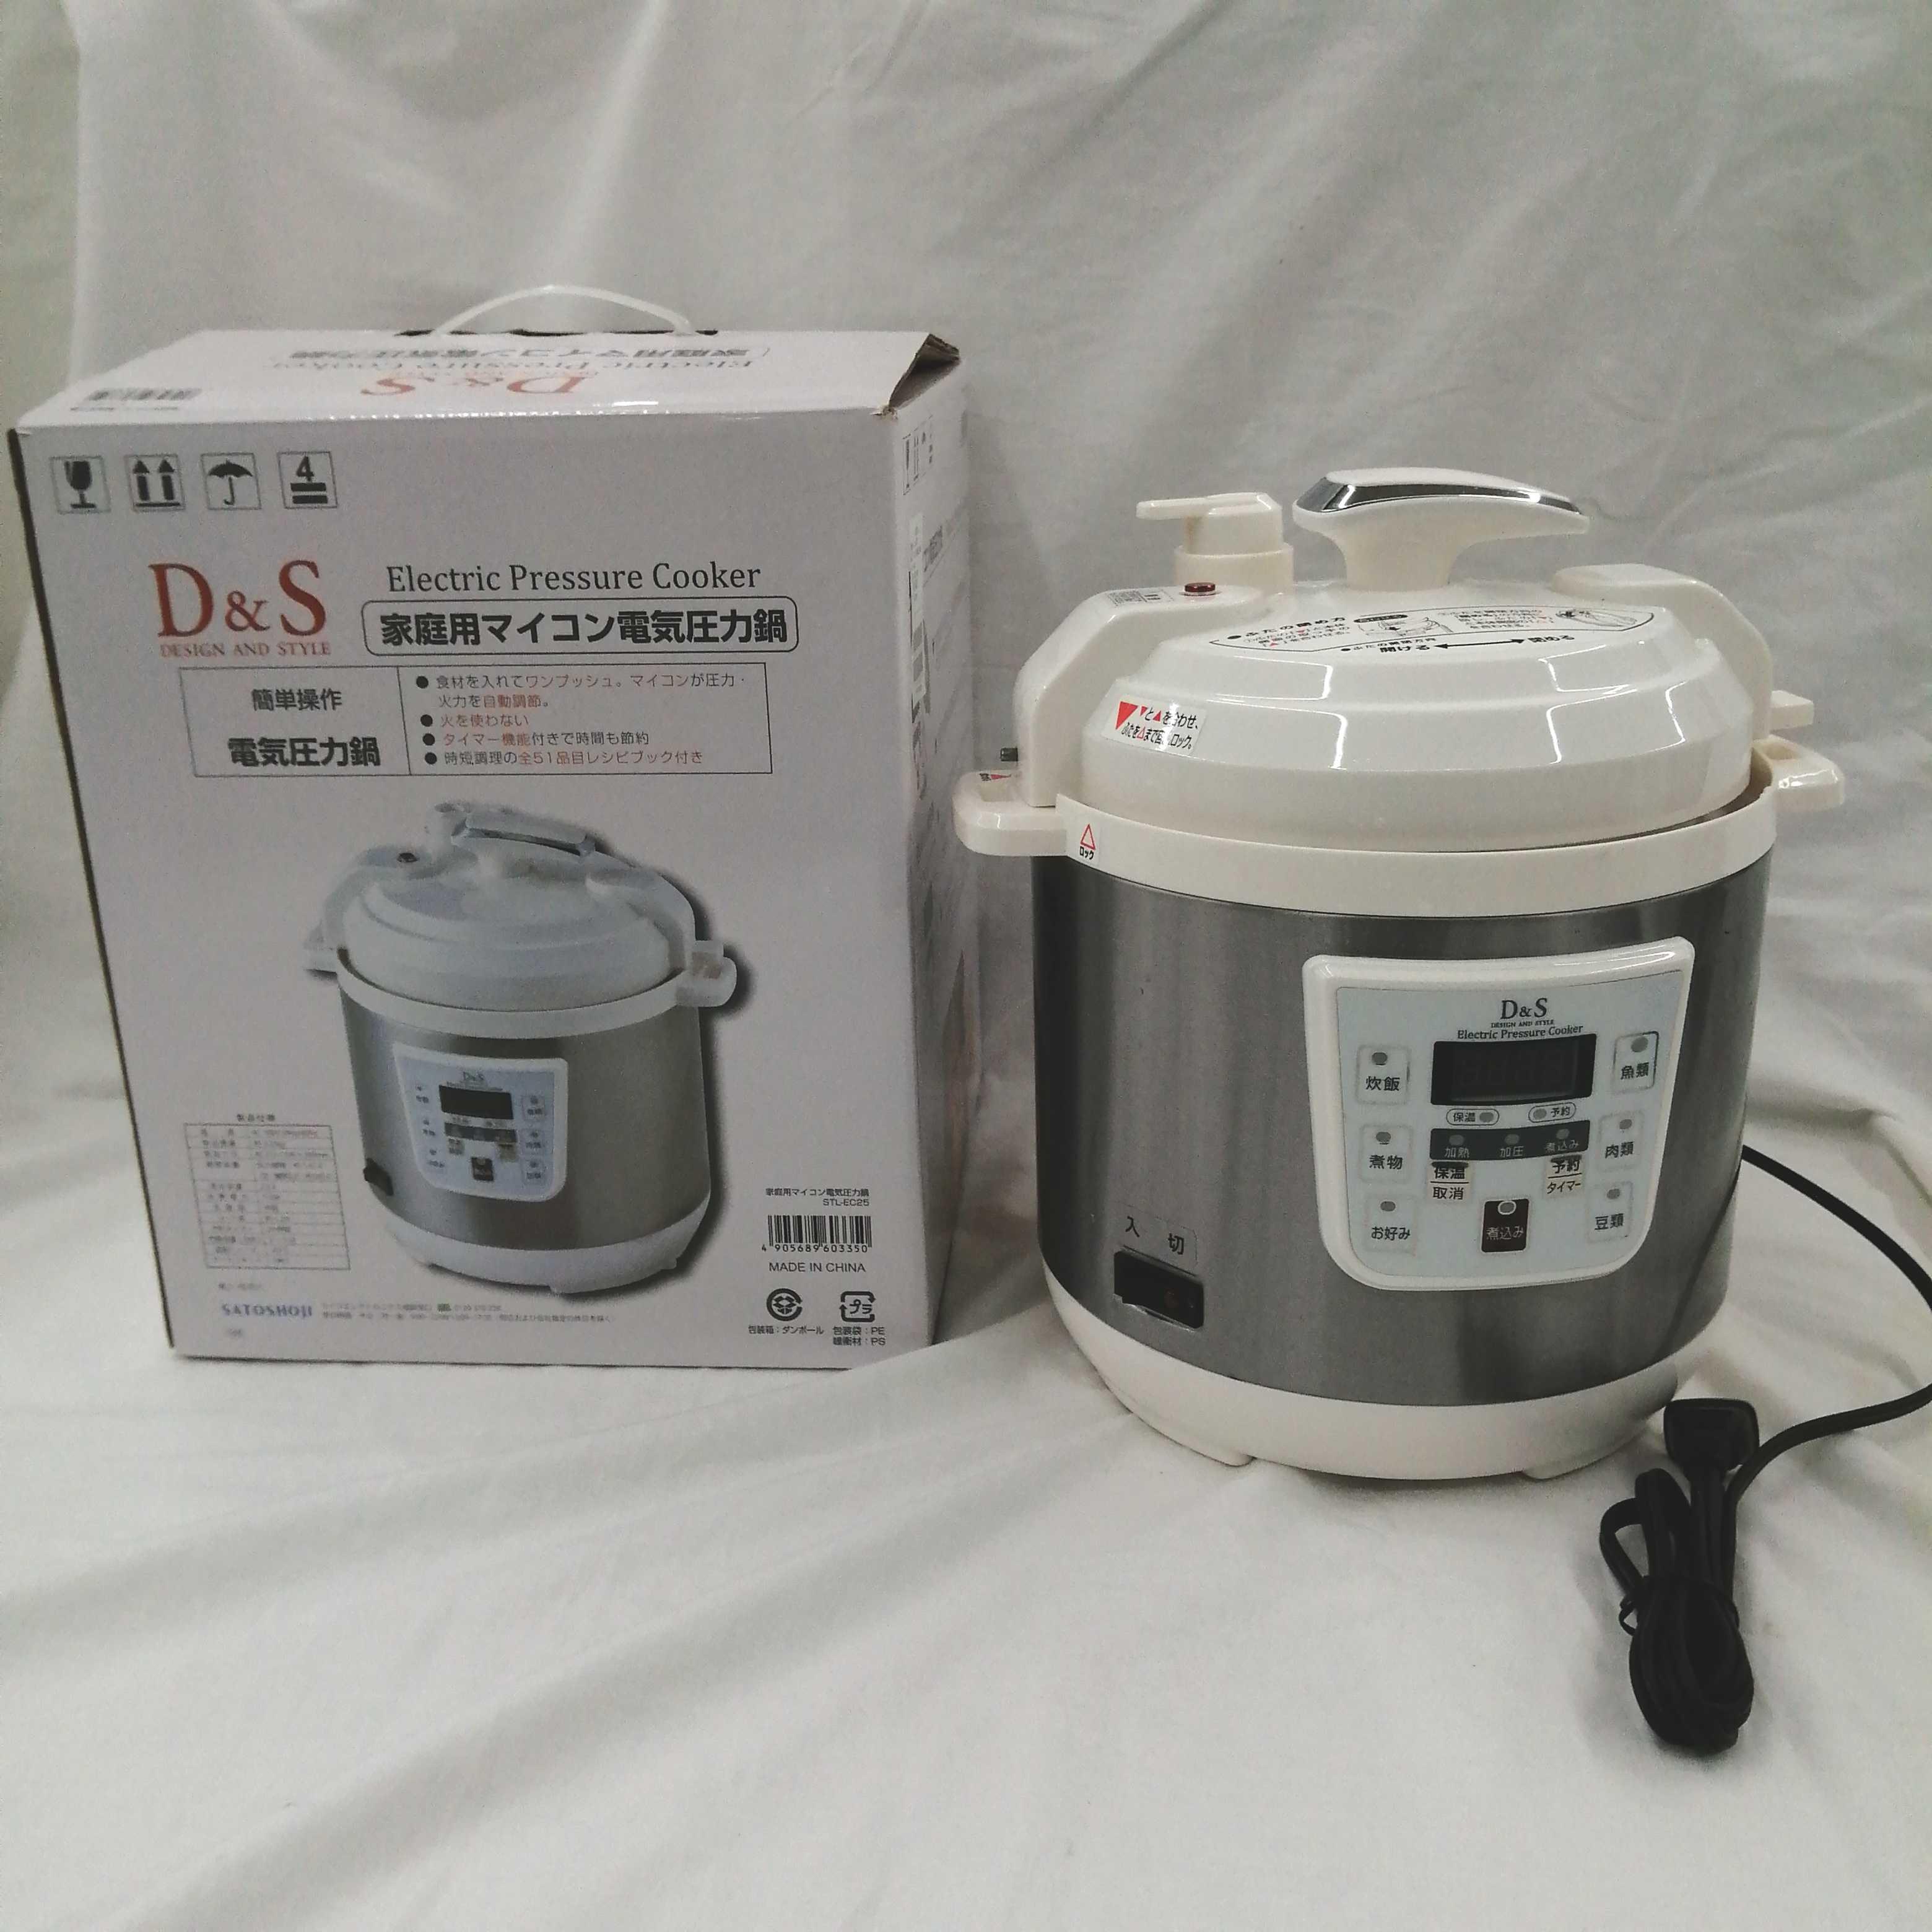 マイコン電気圧力鍋|D&S